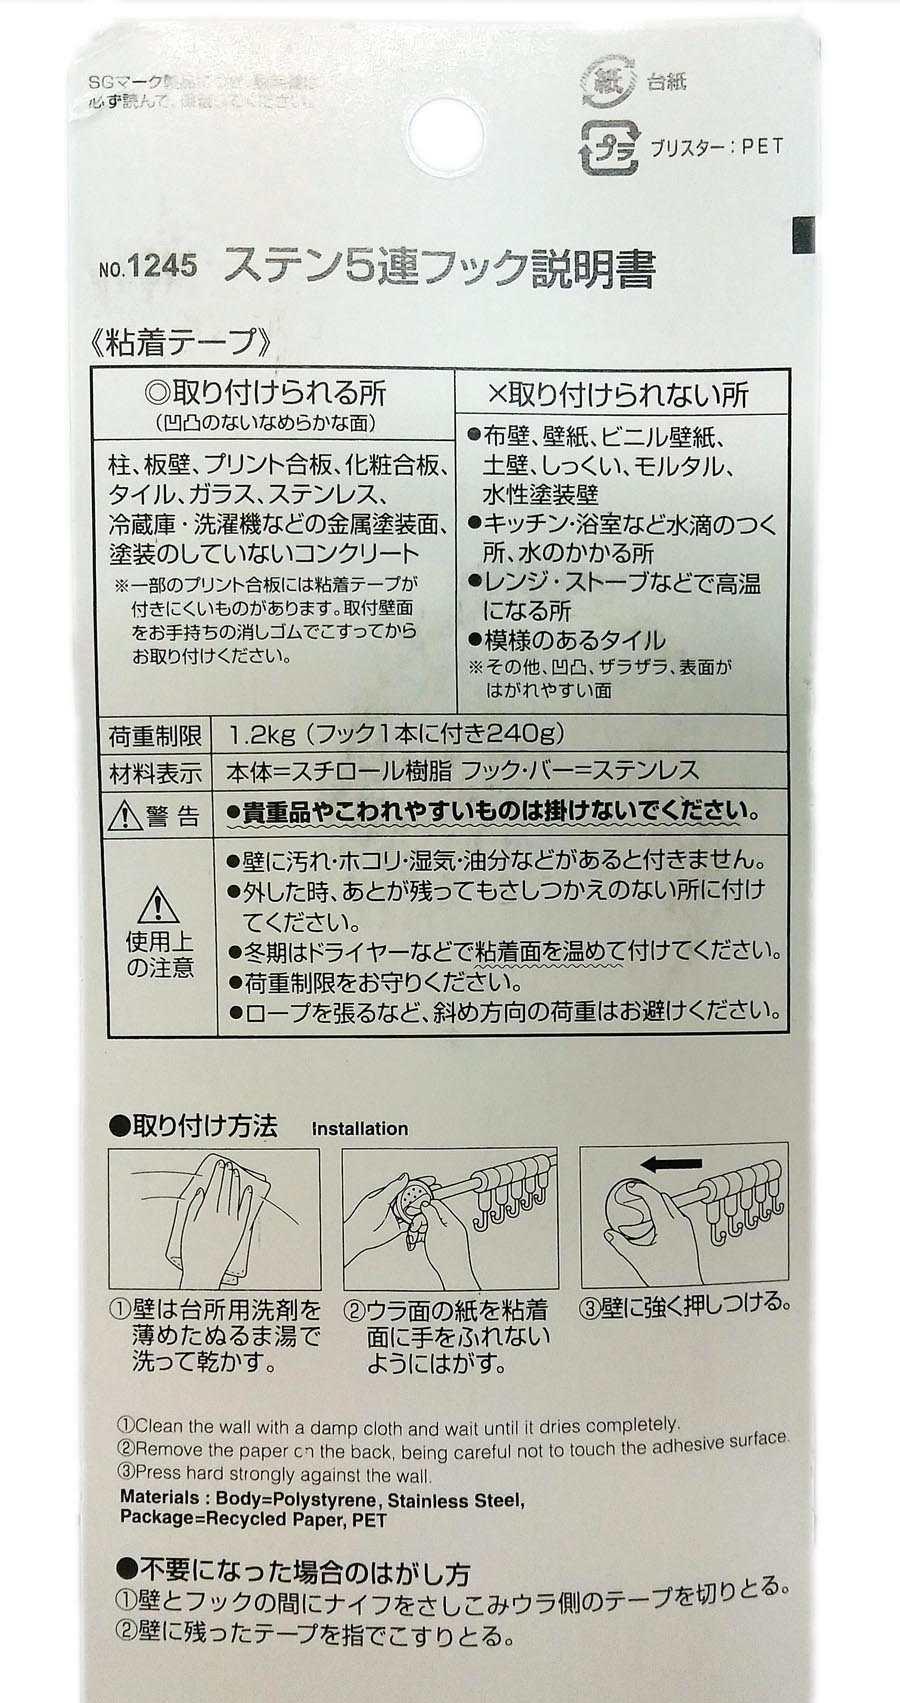 Giá treo đồ 5 móc Inox hít tường KM-1245 hàng Nhật